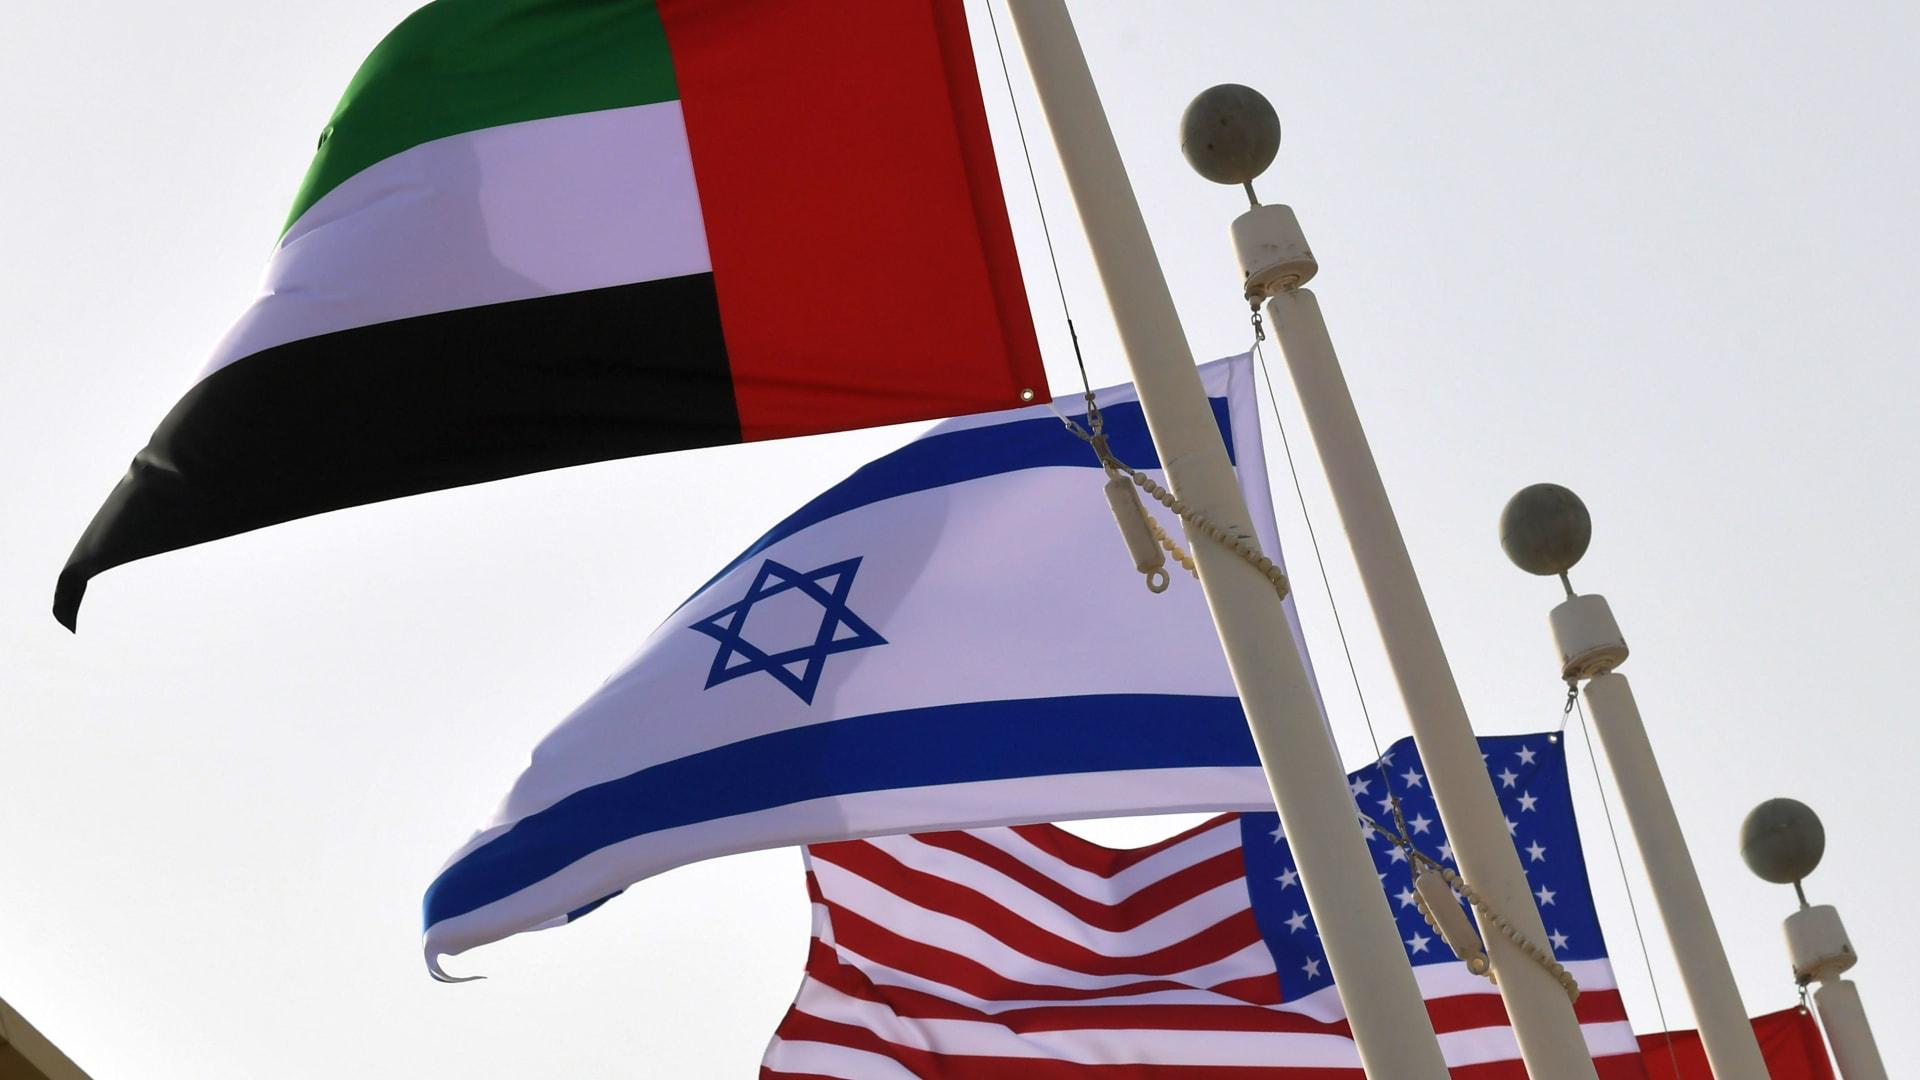 مذيع CNN من مطار الرئاسة بأبوظبي: لحظة تاريخية للعلاقة بين الإمارات وإسرائيل